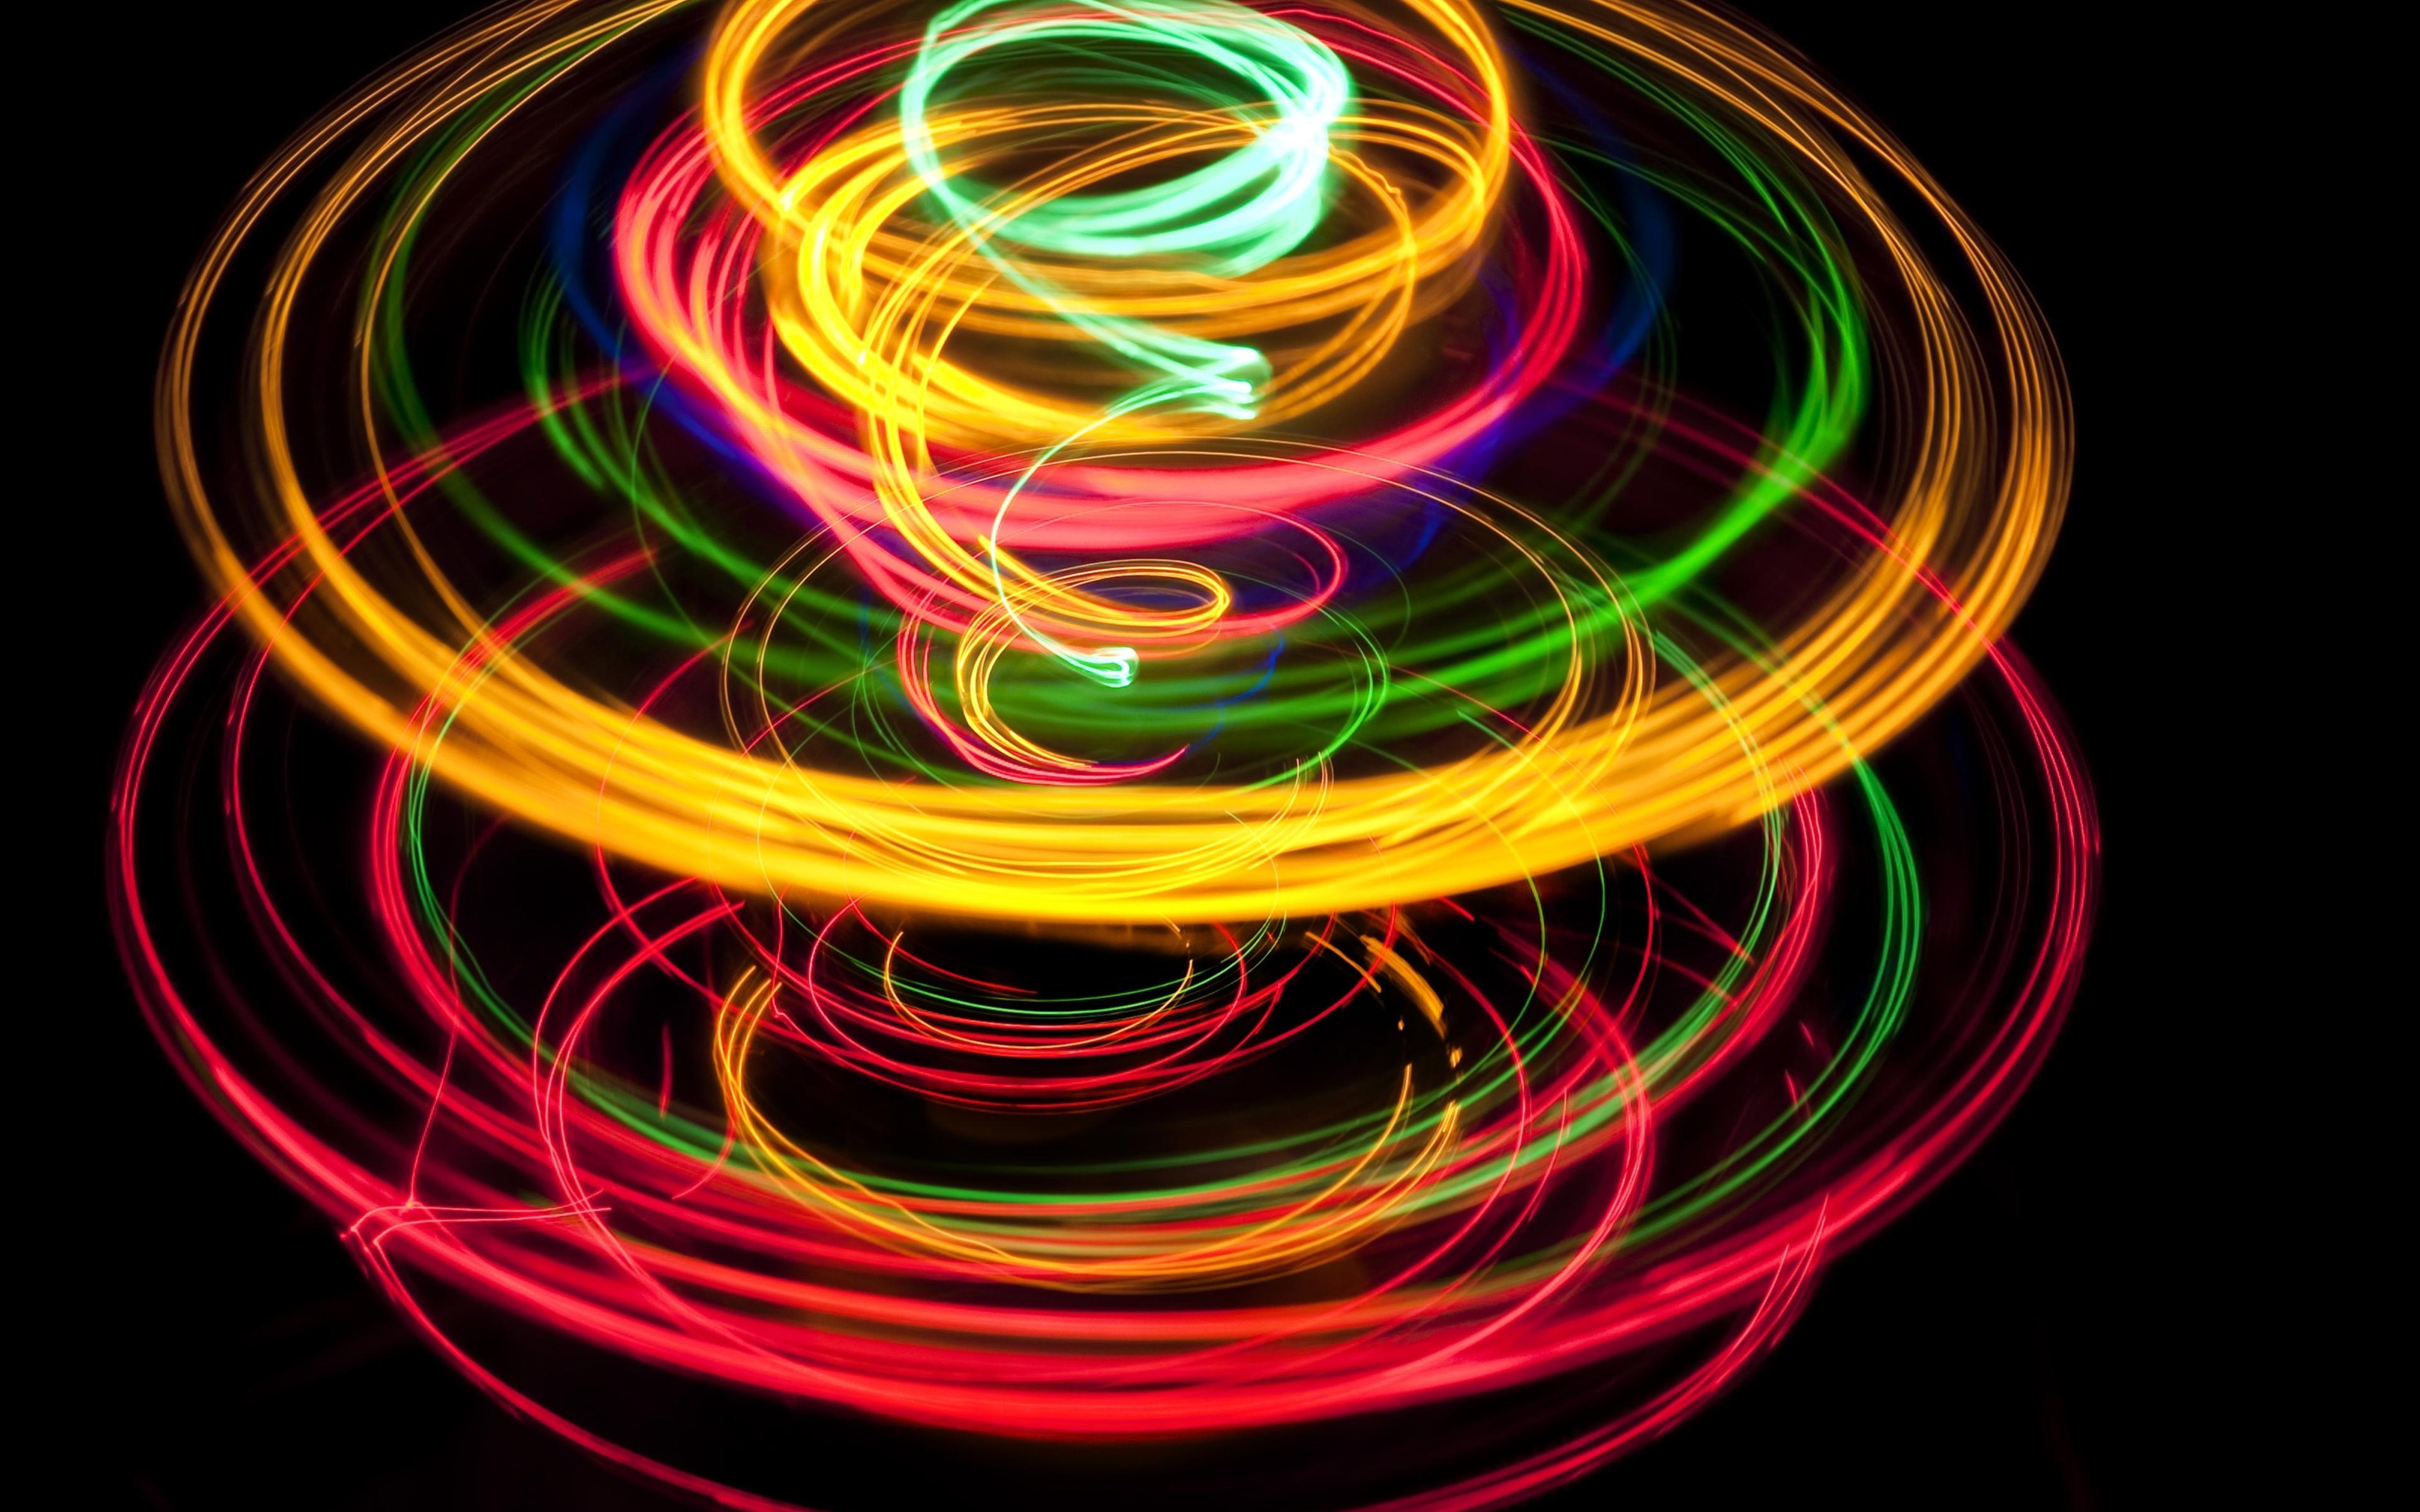 фото цветной абстракции без фона каждым днем число